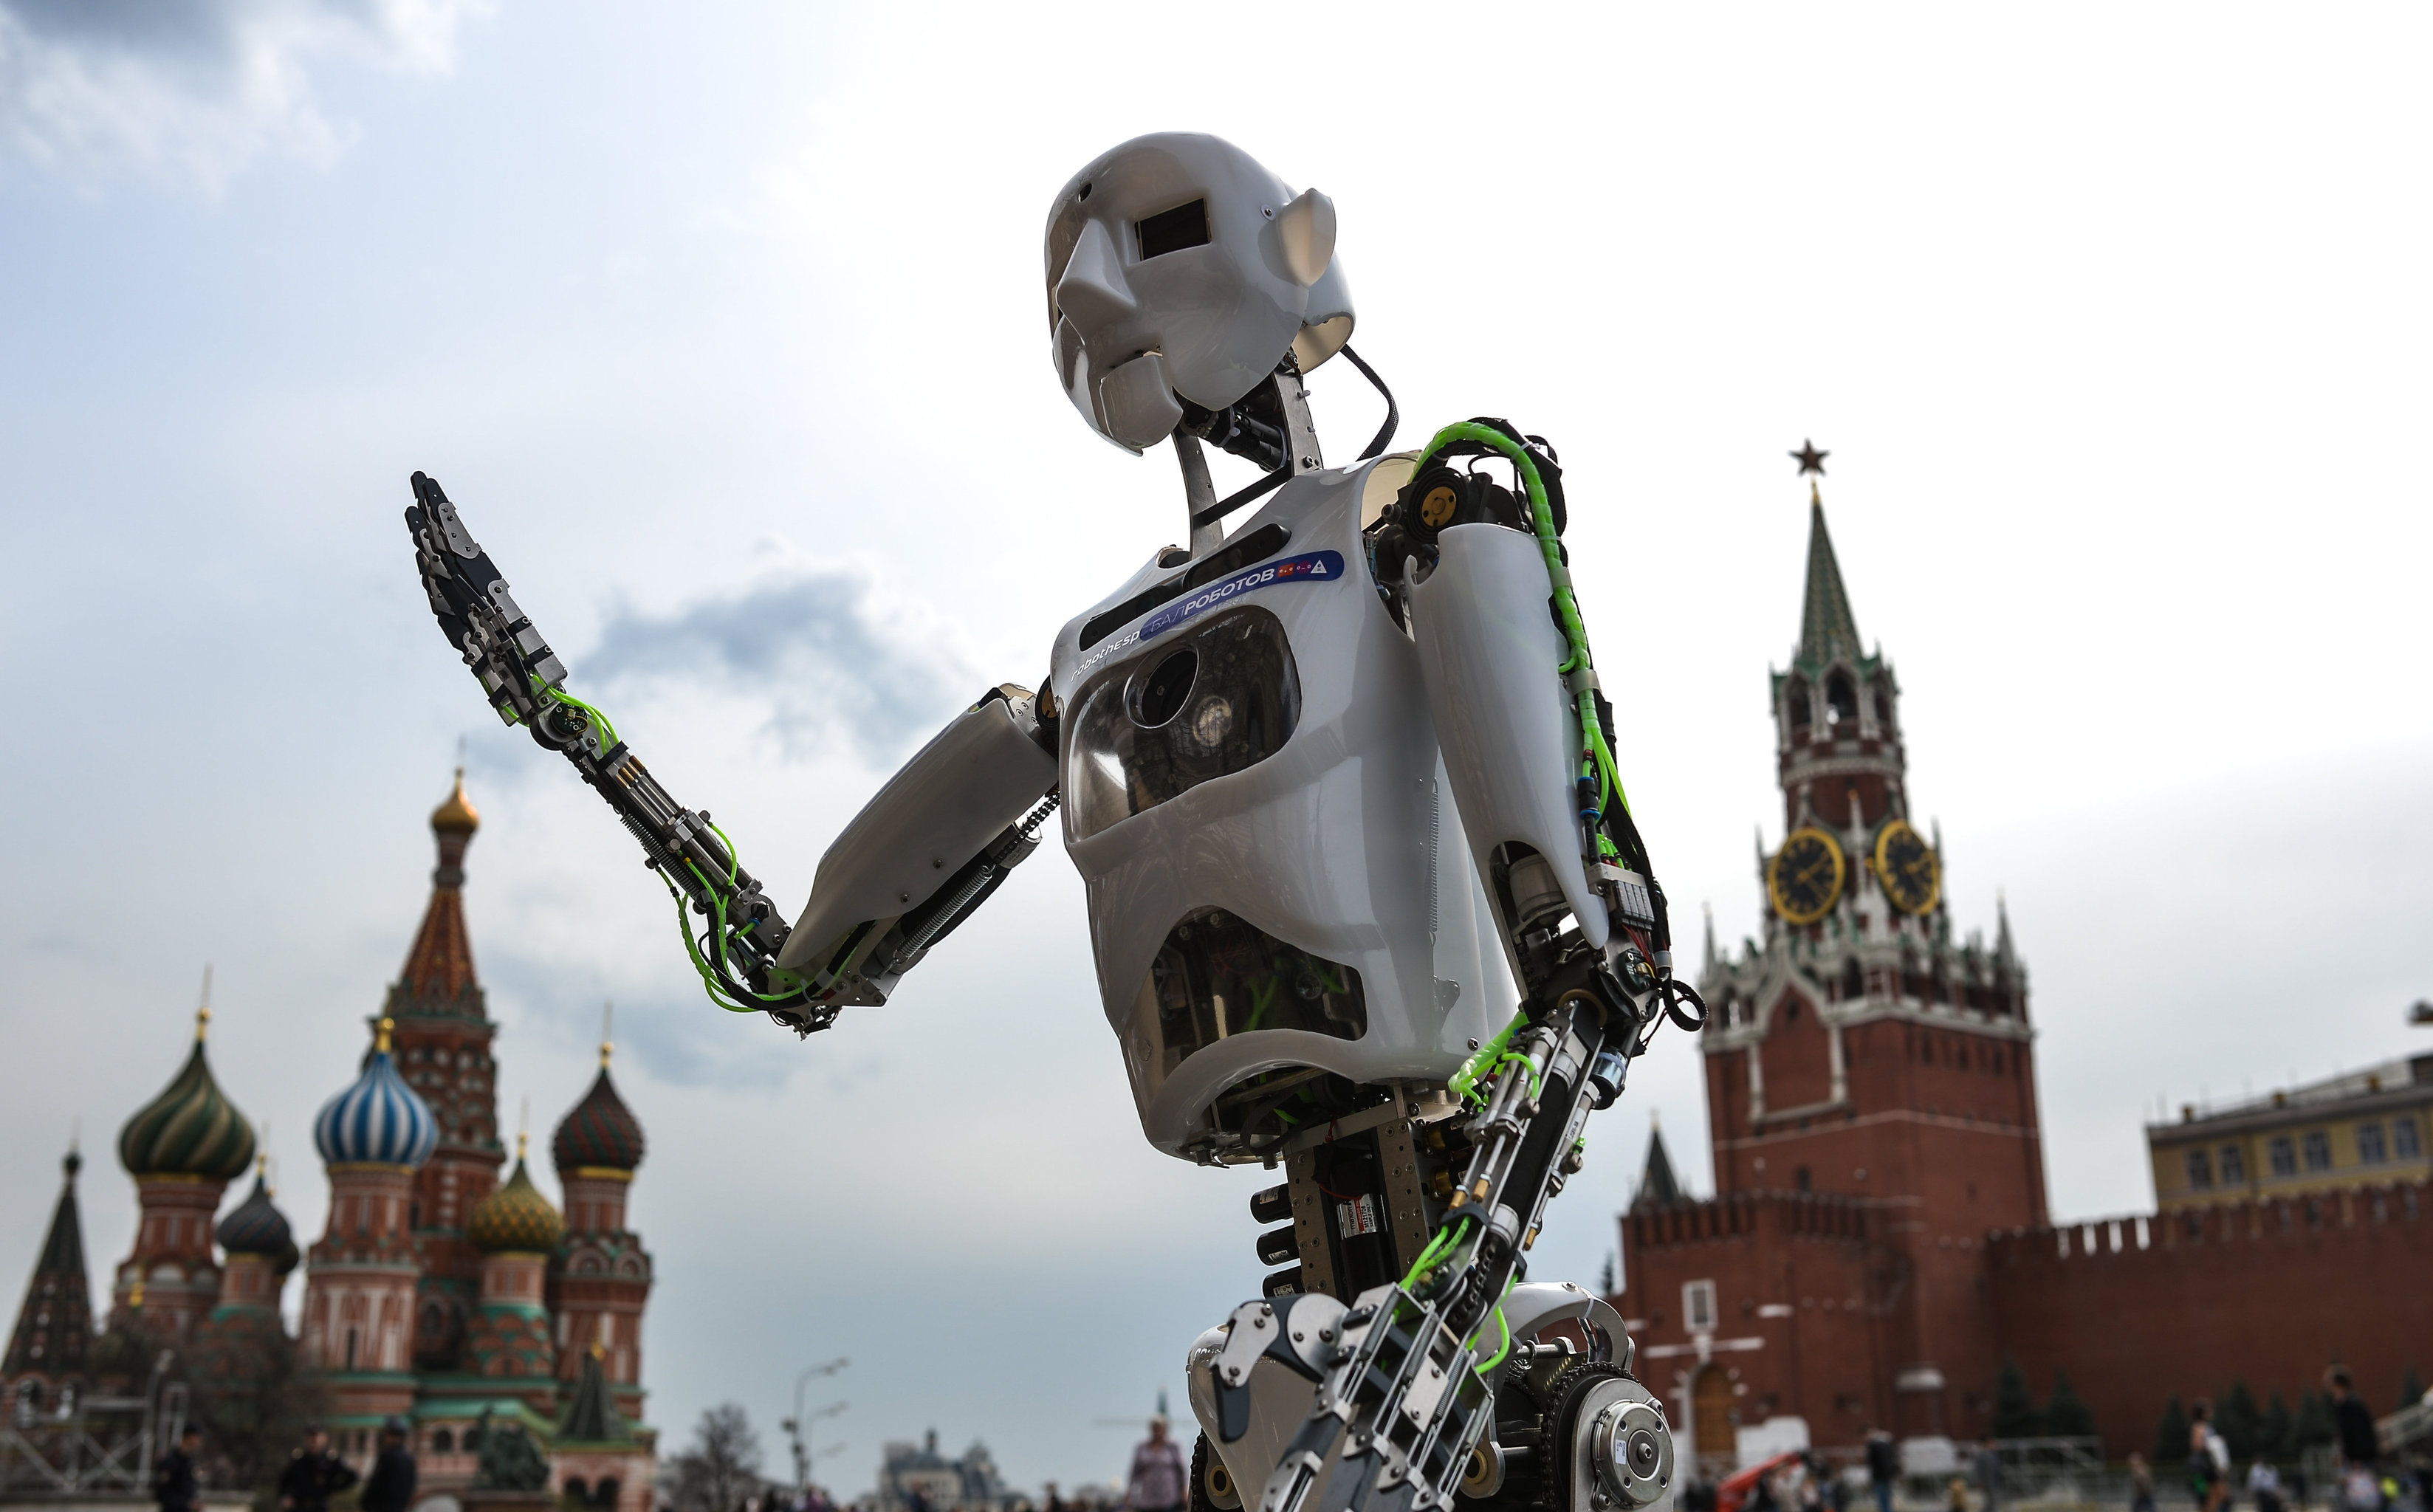 Демонстрация робота-гуманоида Теспиана - участника Бала Роботов в Москве